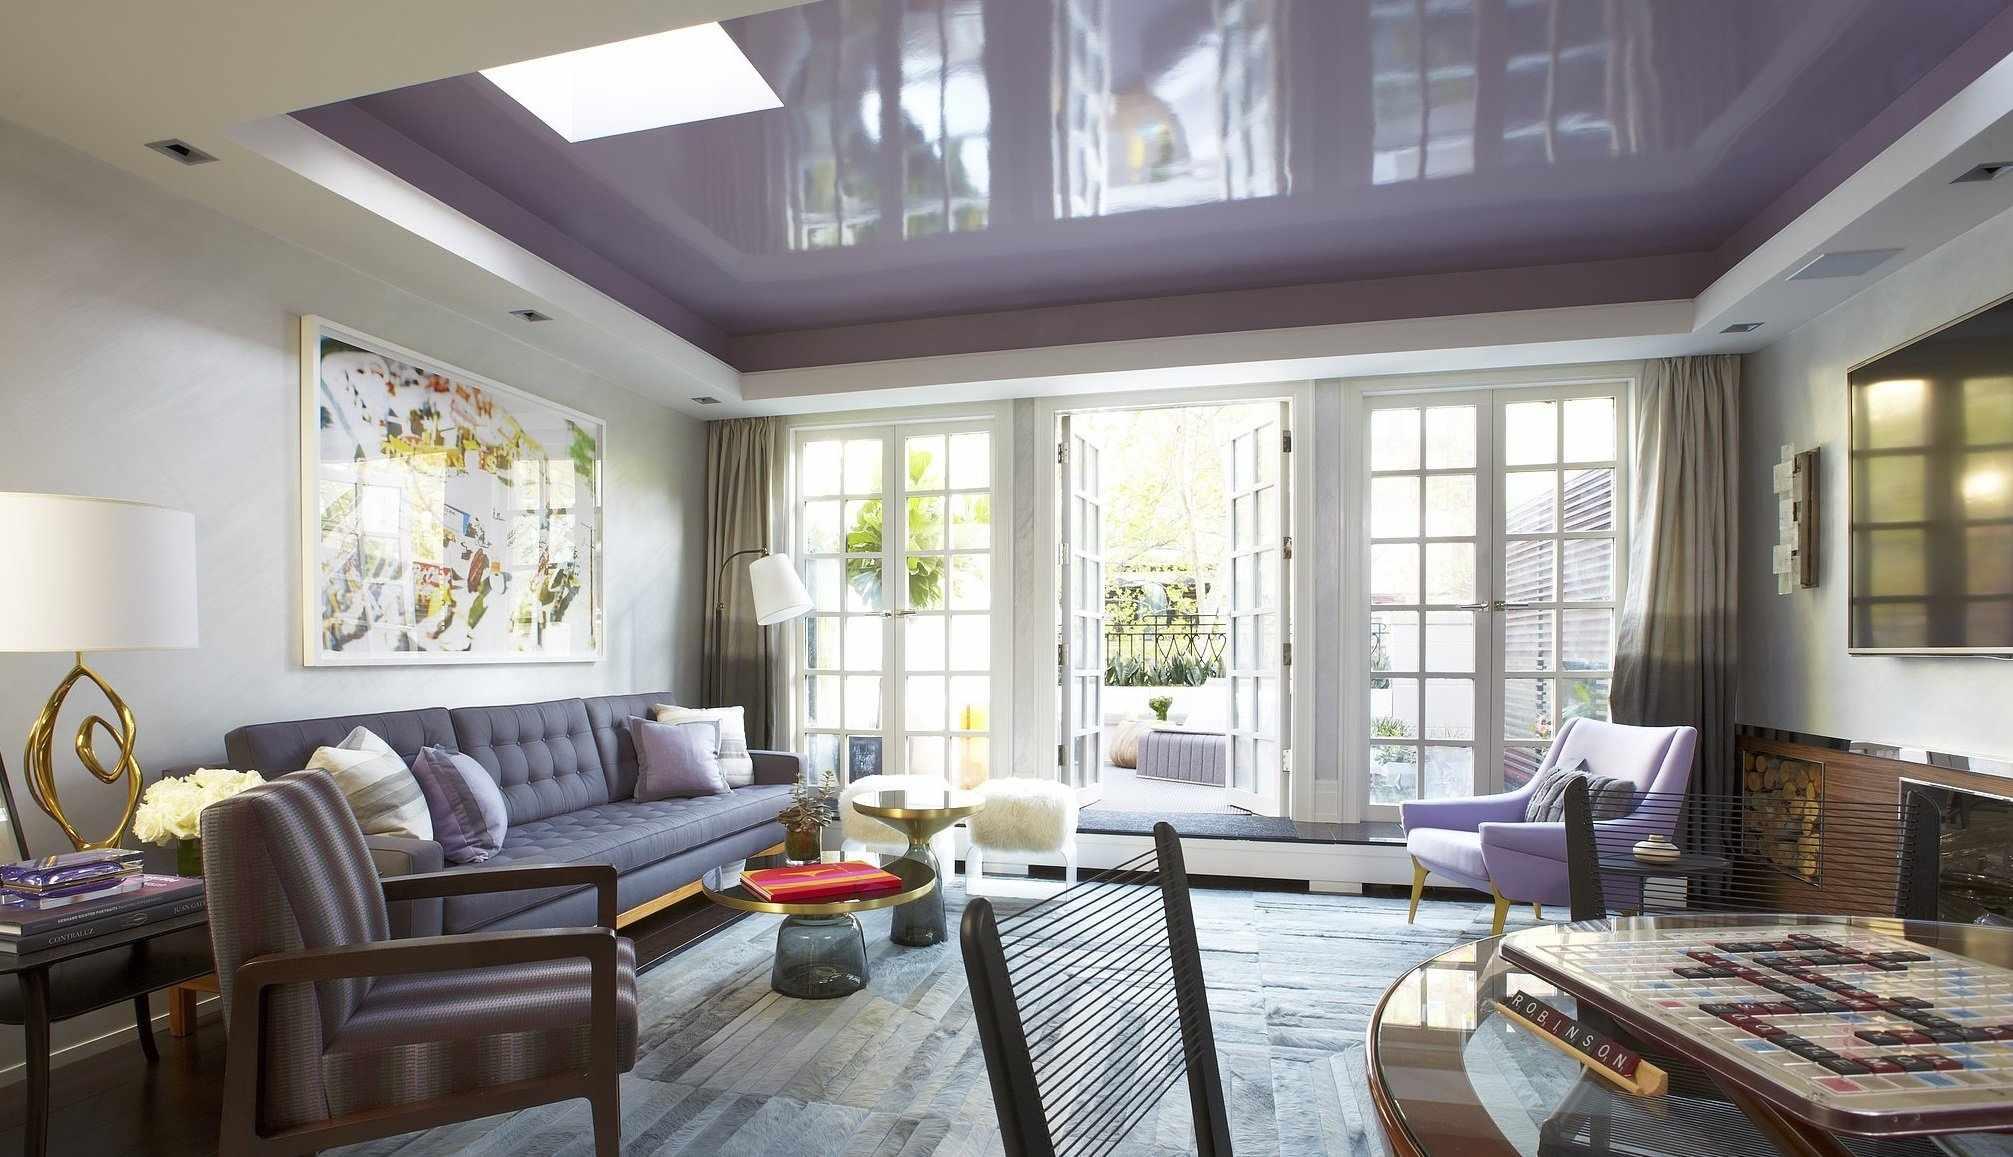 Интерьер с натяжными двухуровневыми потолками